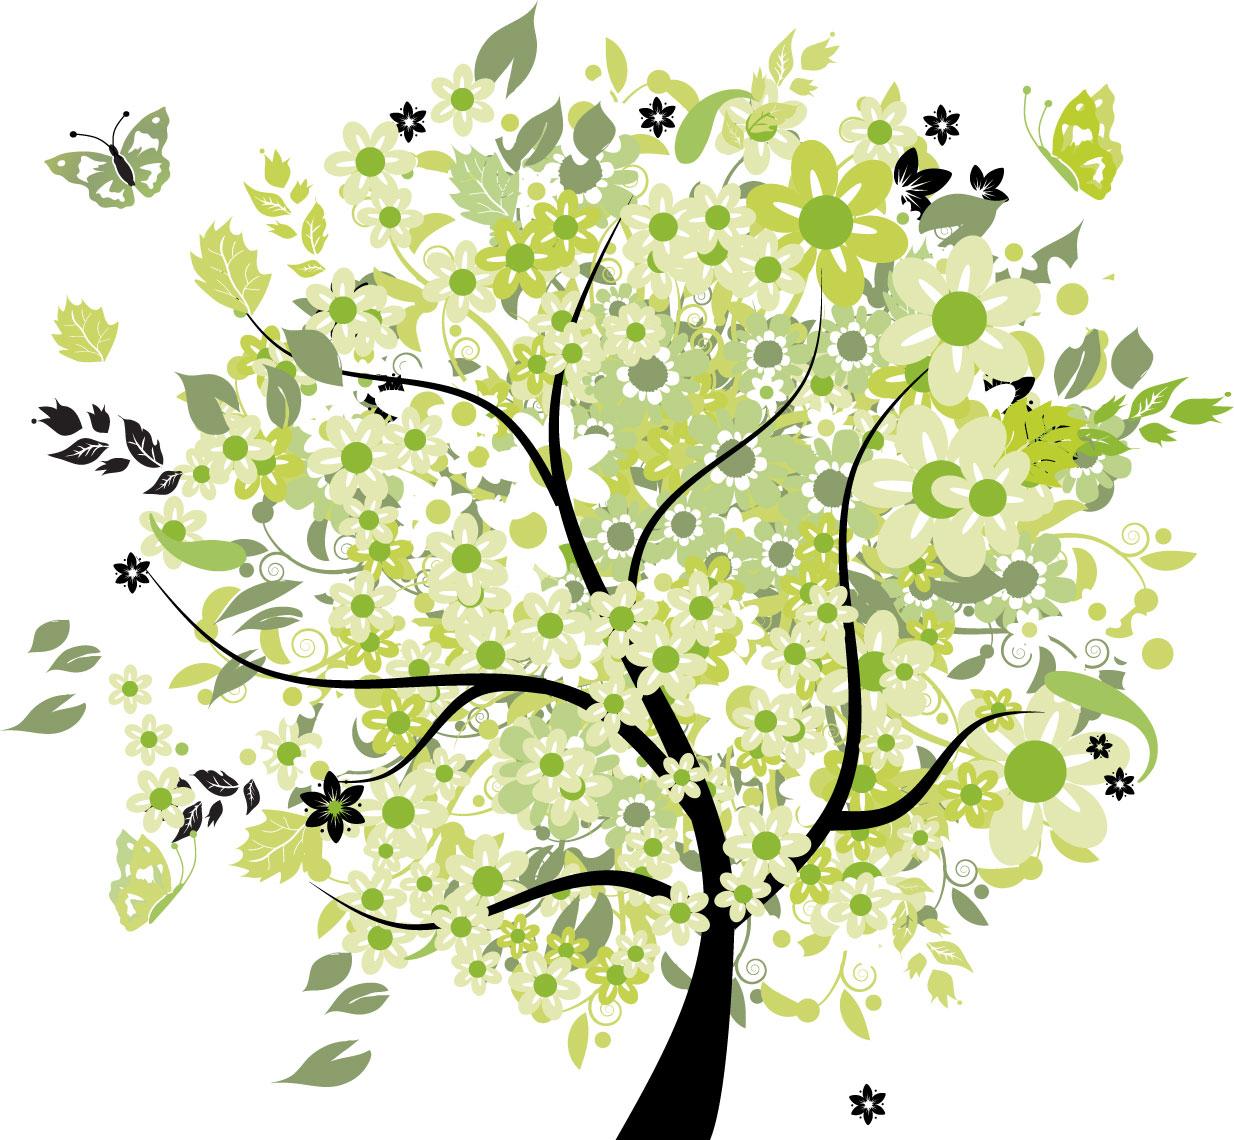 ポップでかわいい花のイラスト・フリー素材/no.269『夏の樹木と蝶・黄